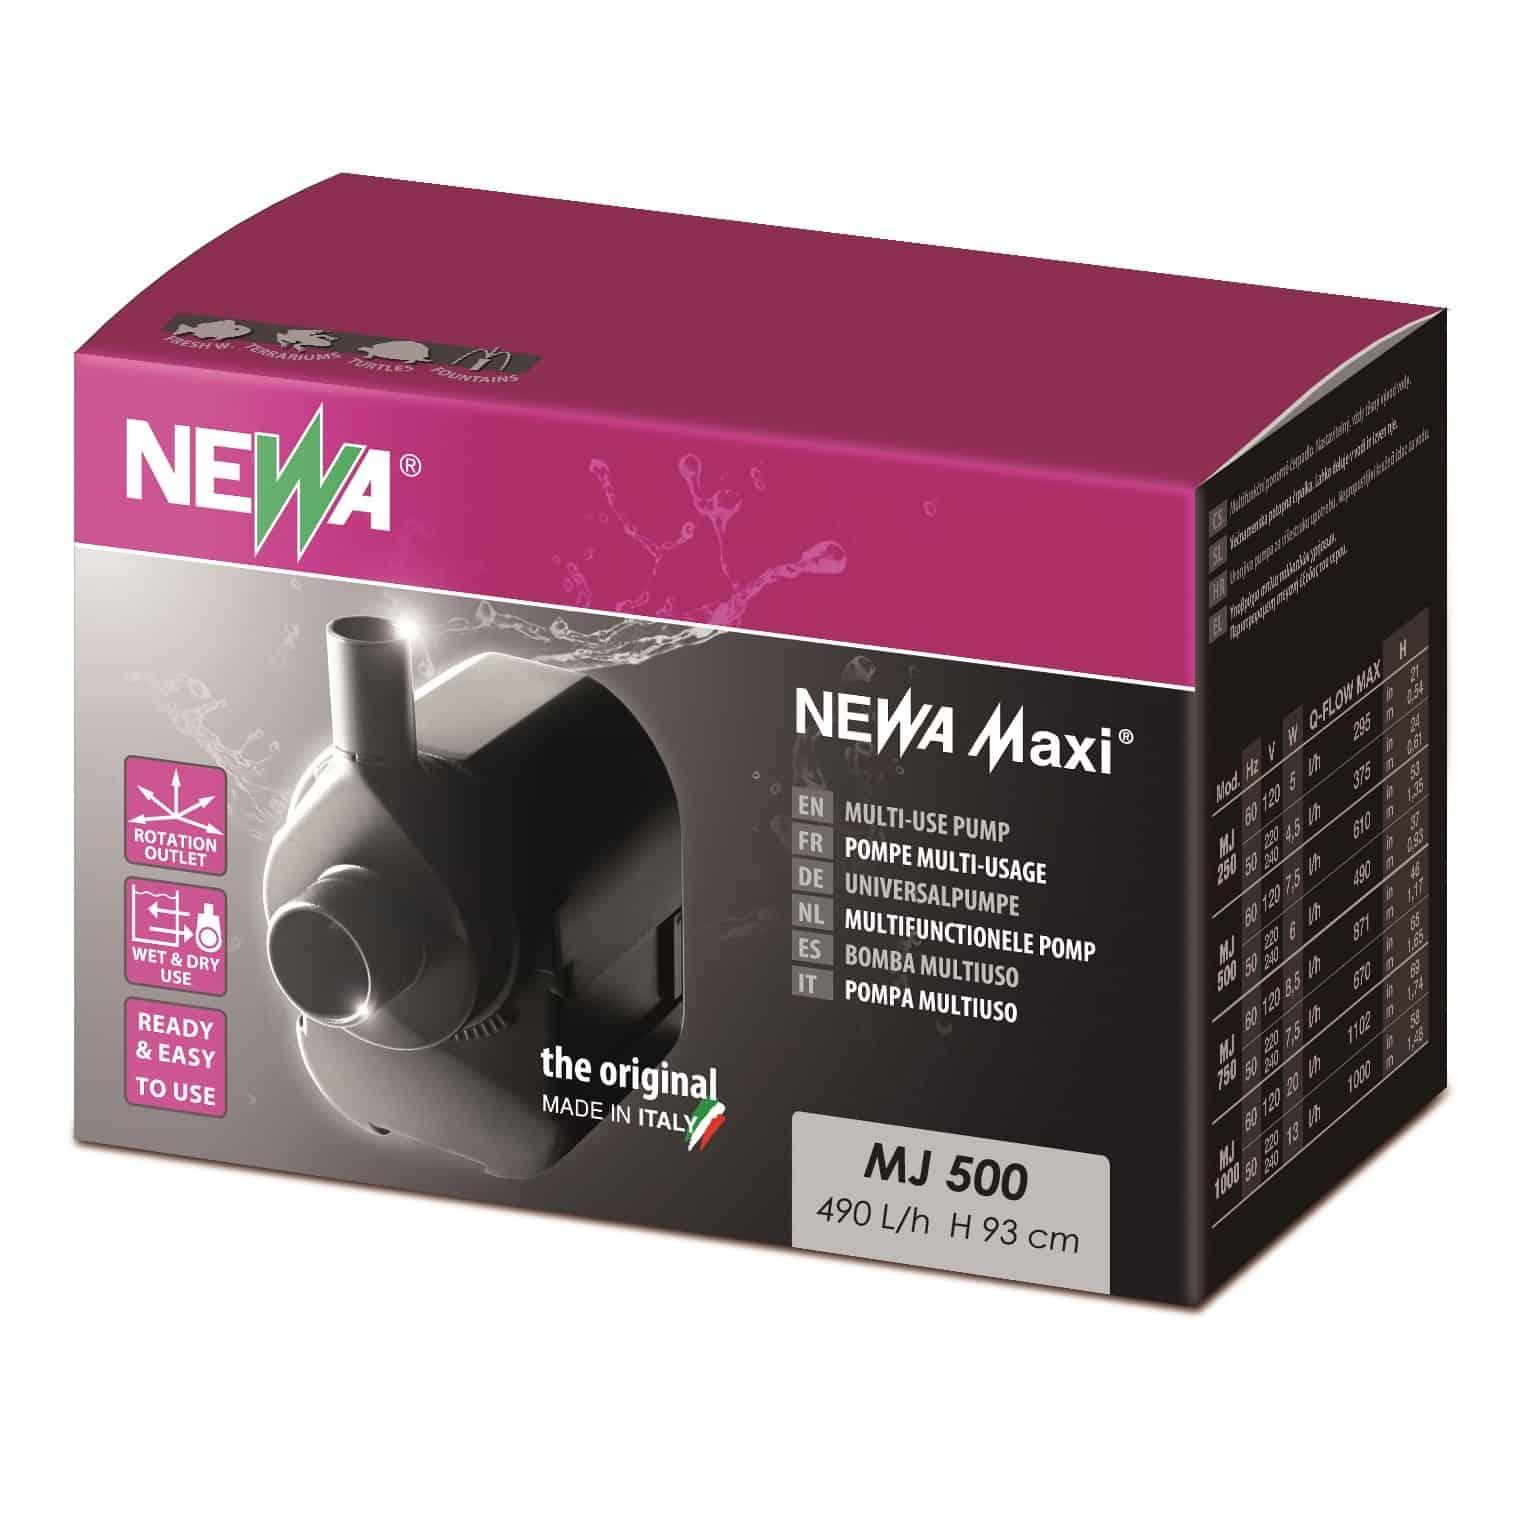 NEWA Maxi 500 pompe universelle pour aquarium avec débit de 490 L/h